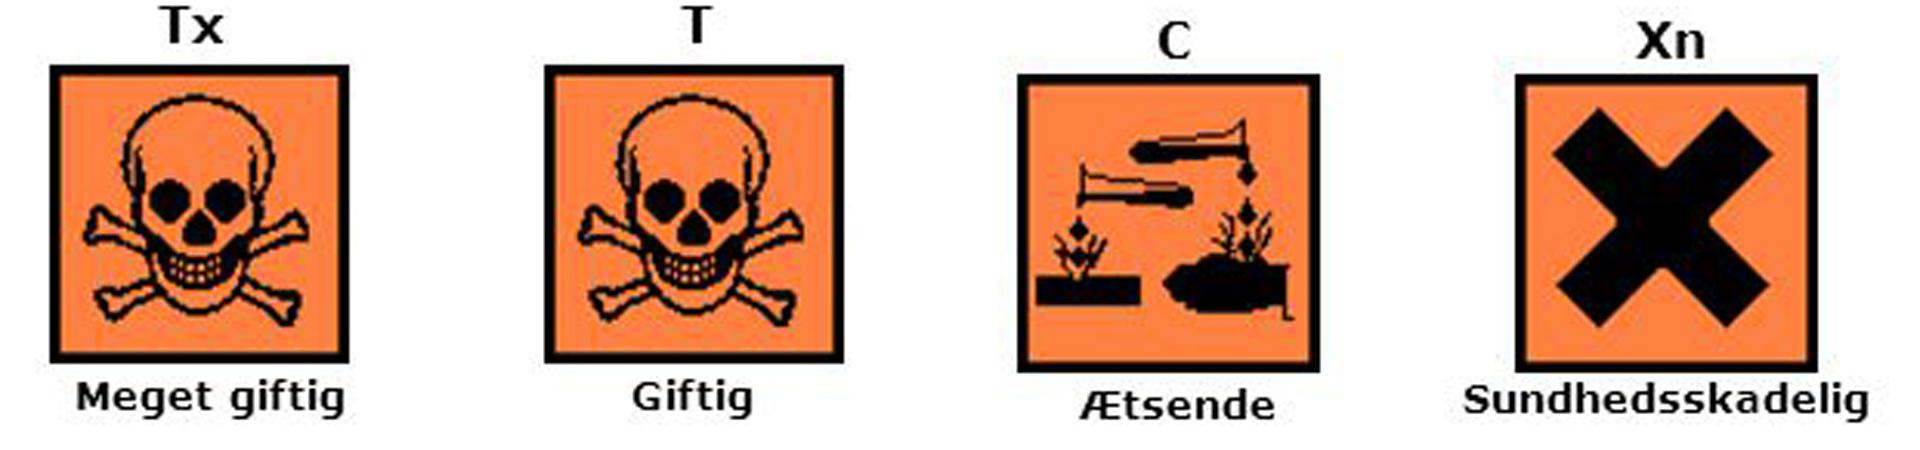 Nye EU-regler betyder at kemivirksomheder pr. 1. juni 2015 har anvendt nye faresymboler (CLP-ordningen).